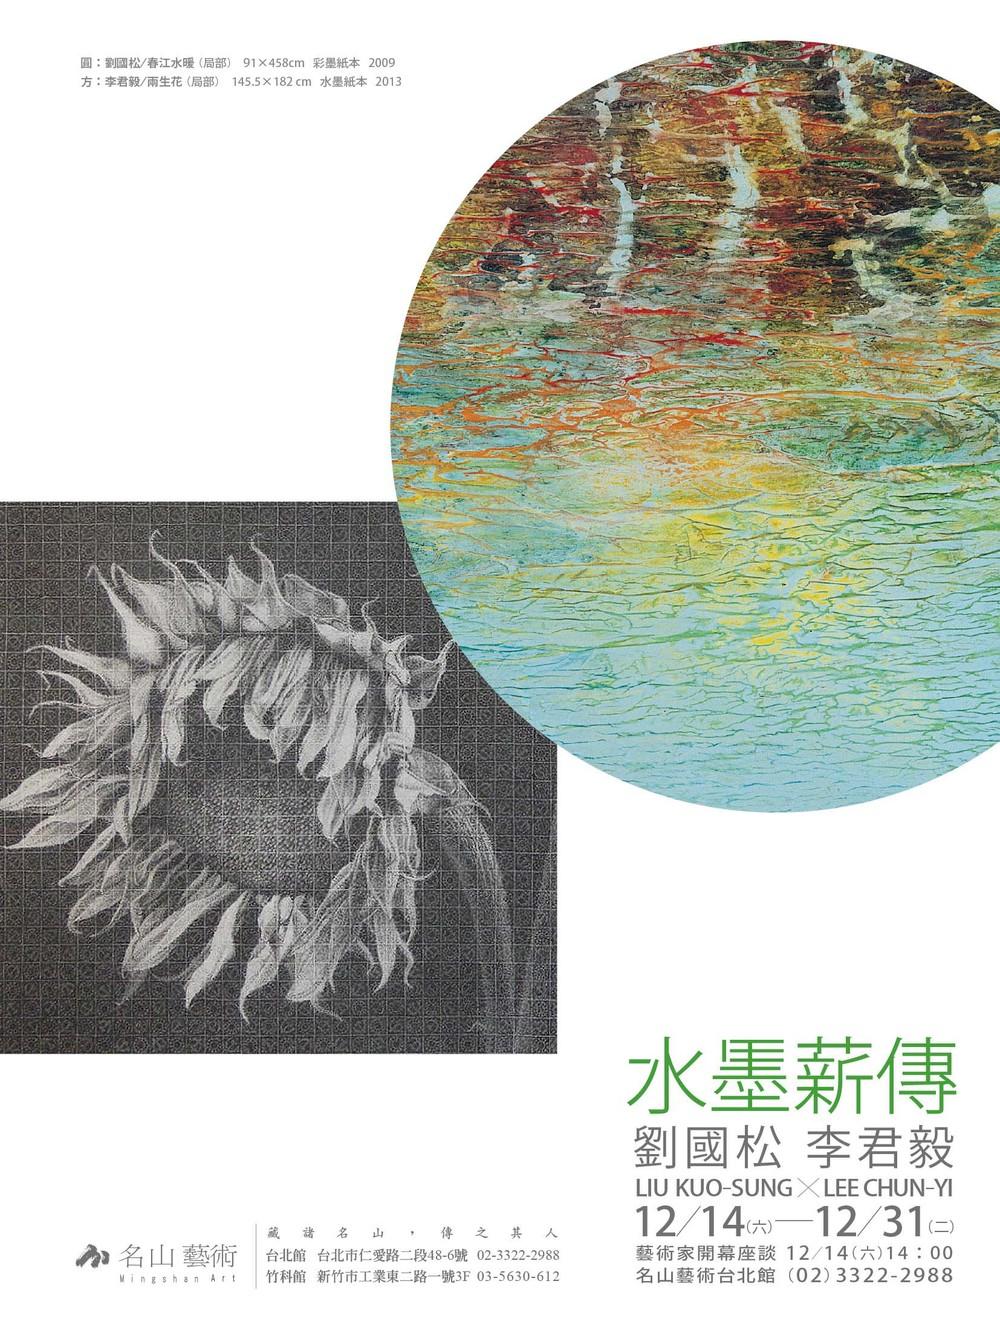 李君毅-雜誌稿-今藝術 (1).jpg